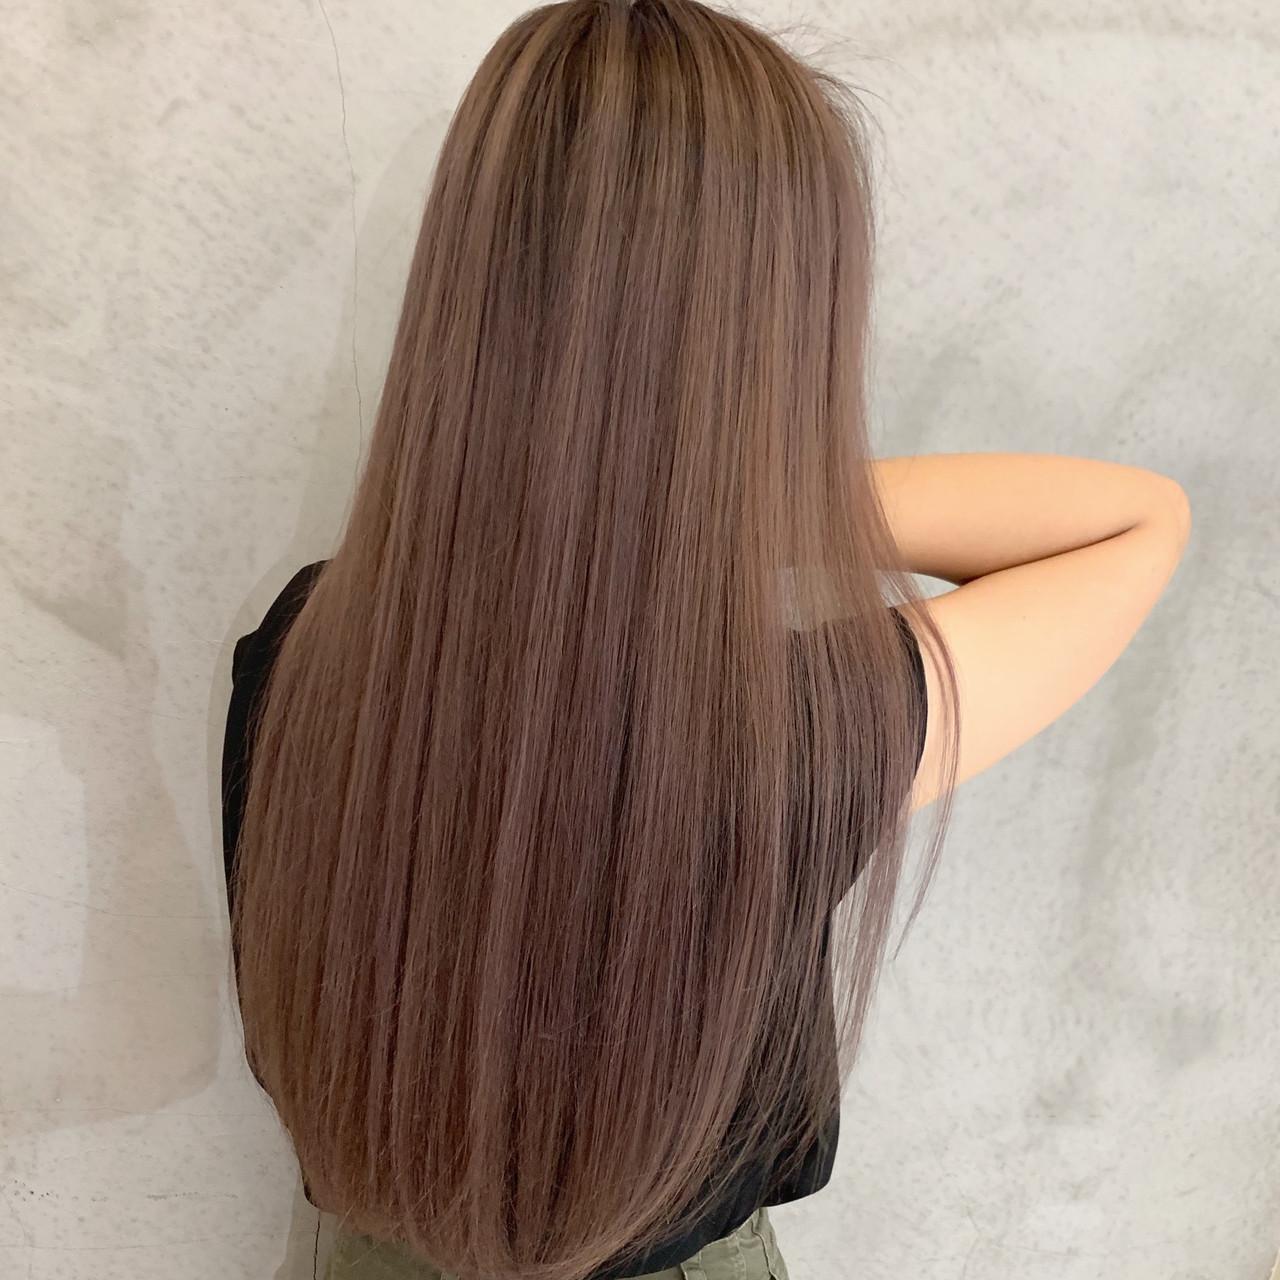 ロング ラベンダーピンク ピンクベージュ エアータッチヘアスタイルや髪型の写真・画像